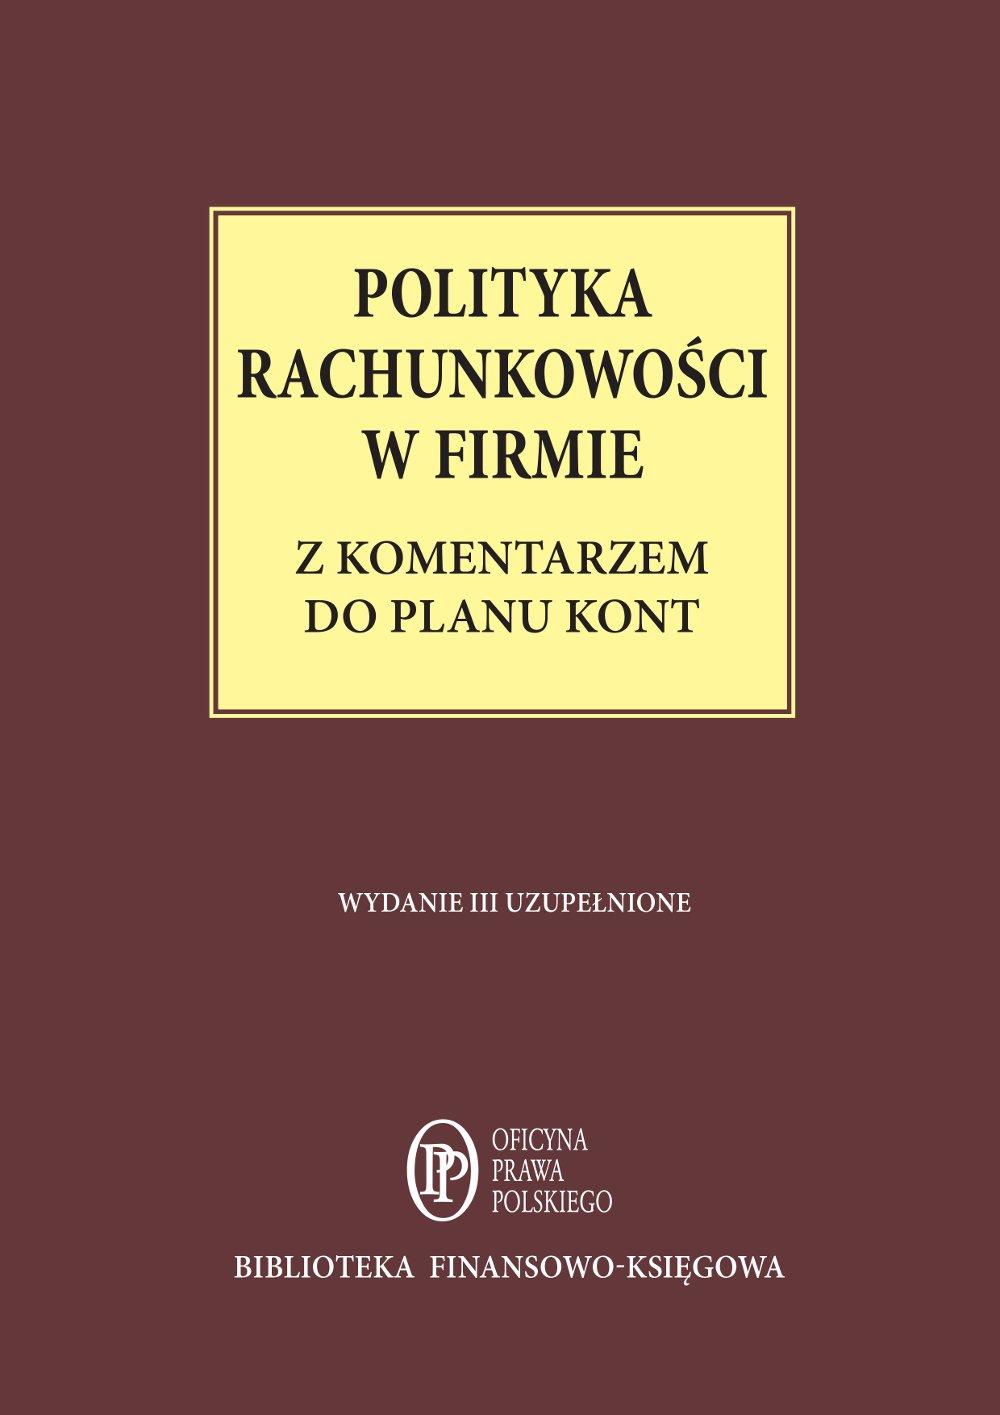 Polityka rachunkowości w firmie z komentarzem do planu kont - stan prawny: 1 lutego 2015 r. - Ebook (Książka EPUB) do pobrania w formacie EPUB